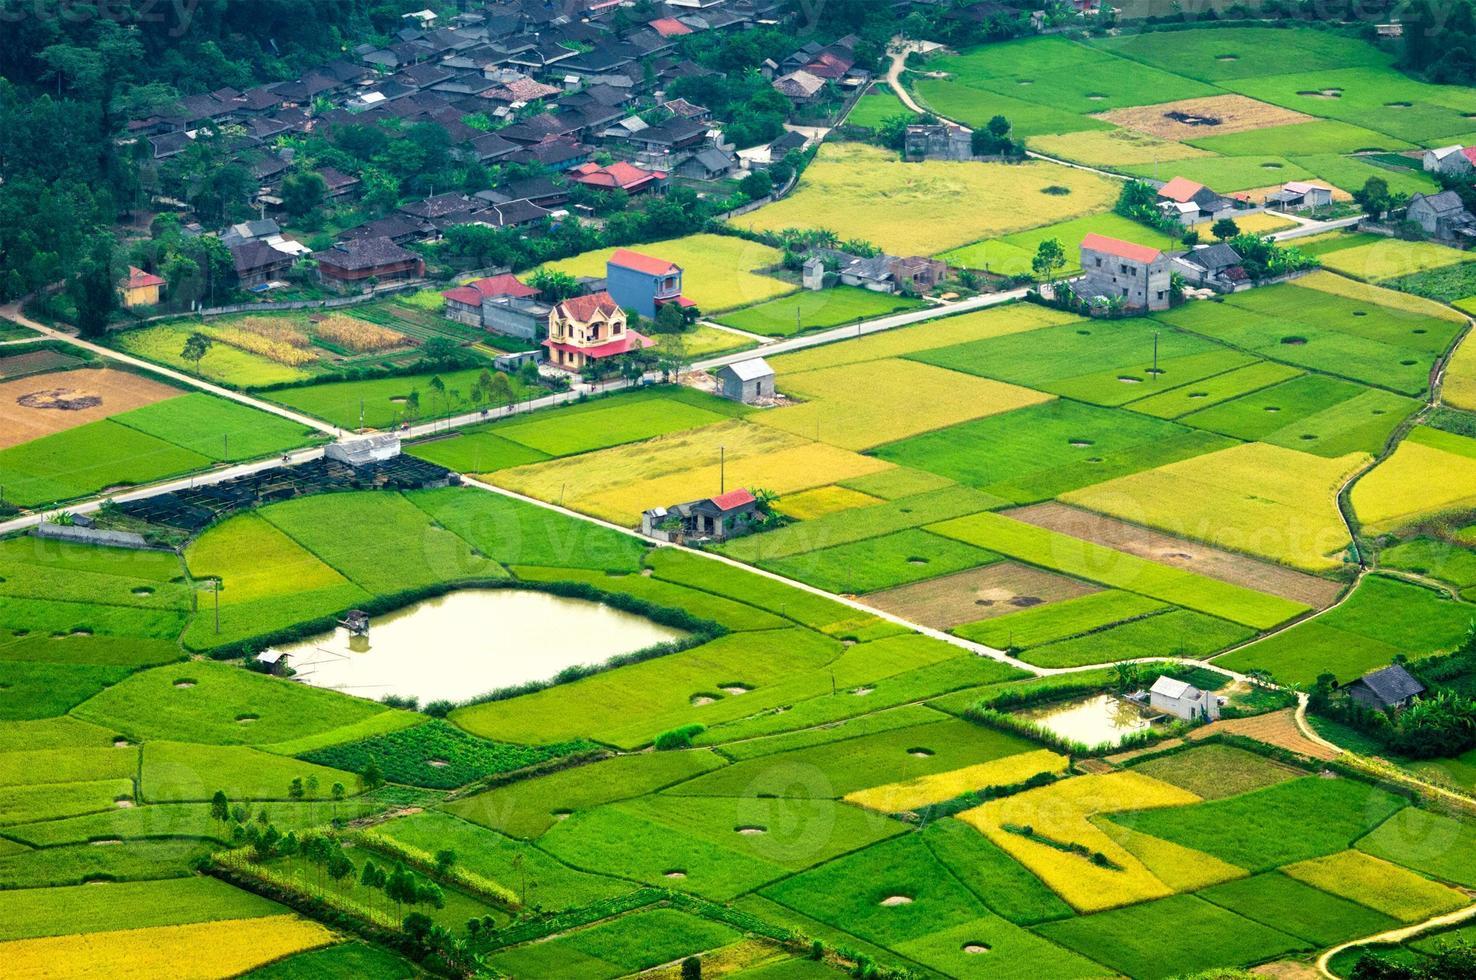 campo de arroz en época de cosecha en bac son valley, lang son, vietnam foto